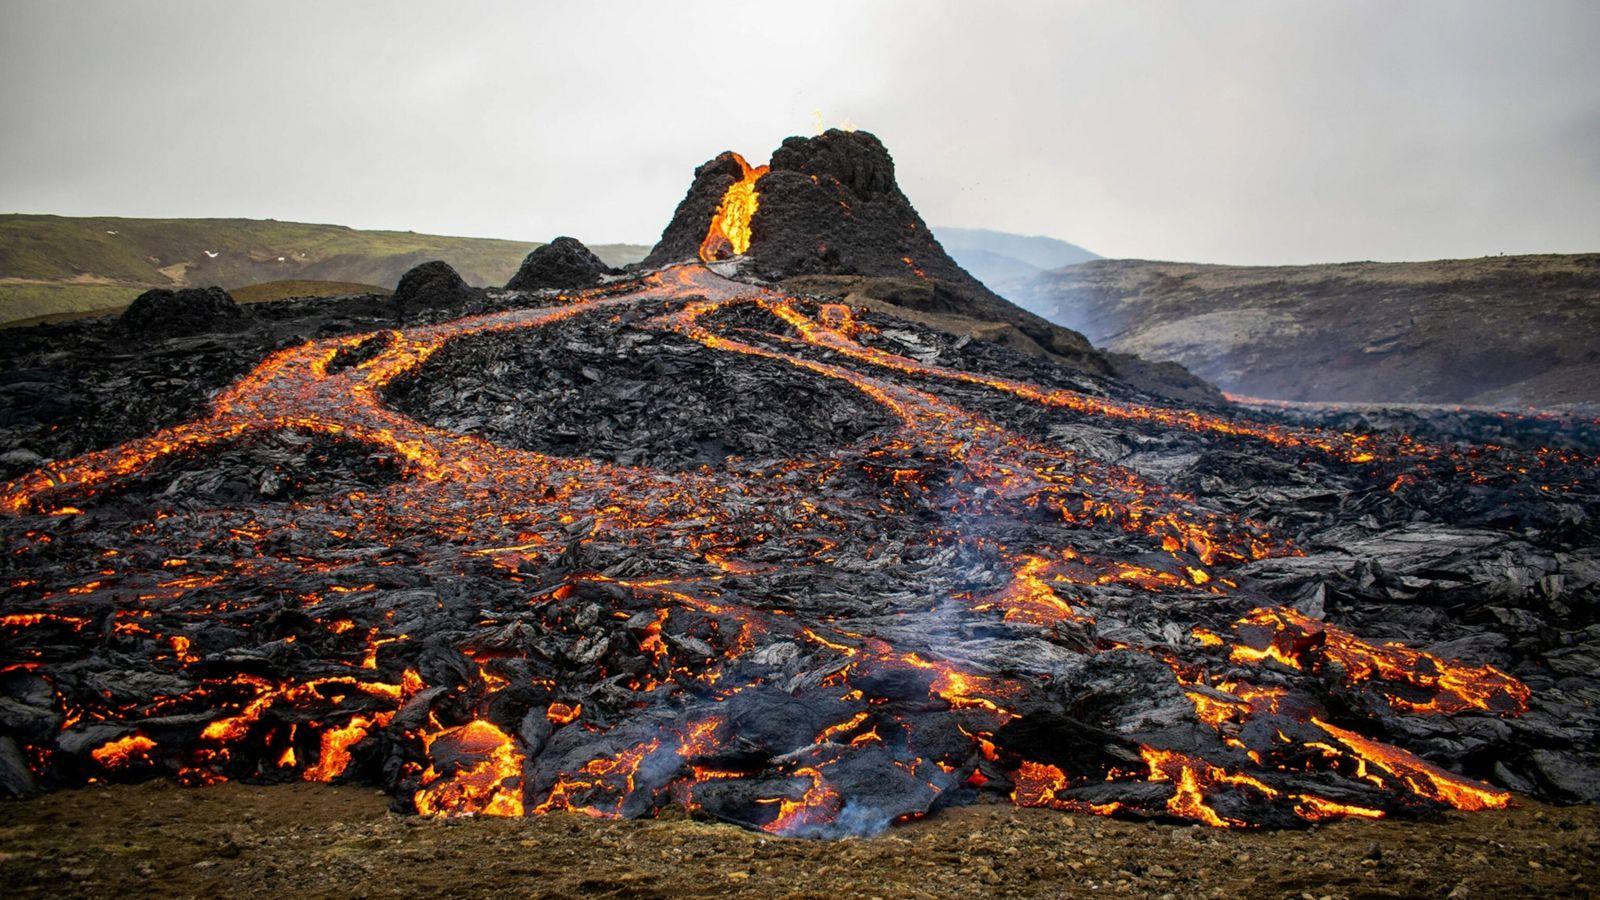 Vulkan in Geldingadalur auf der isländischen Halbinsel Reykjanes